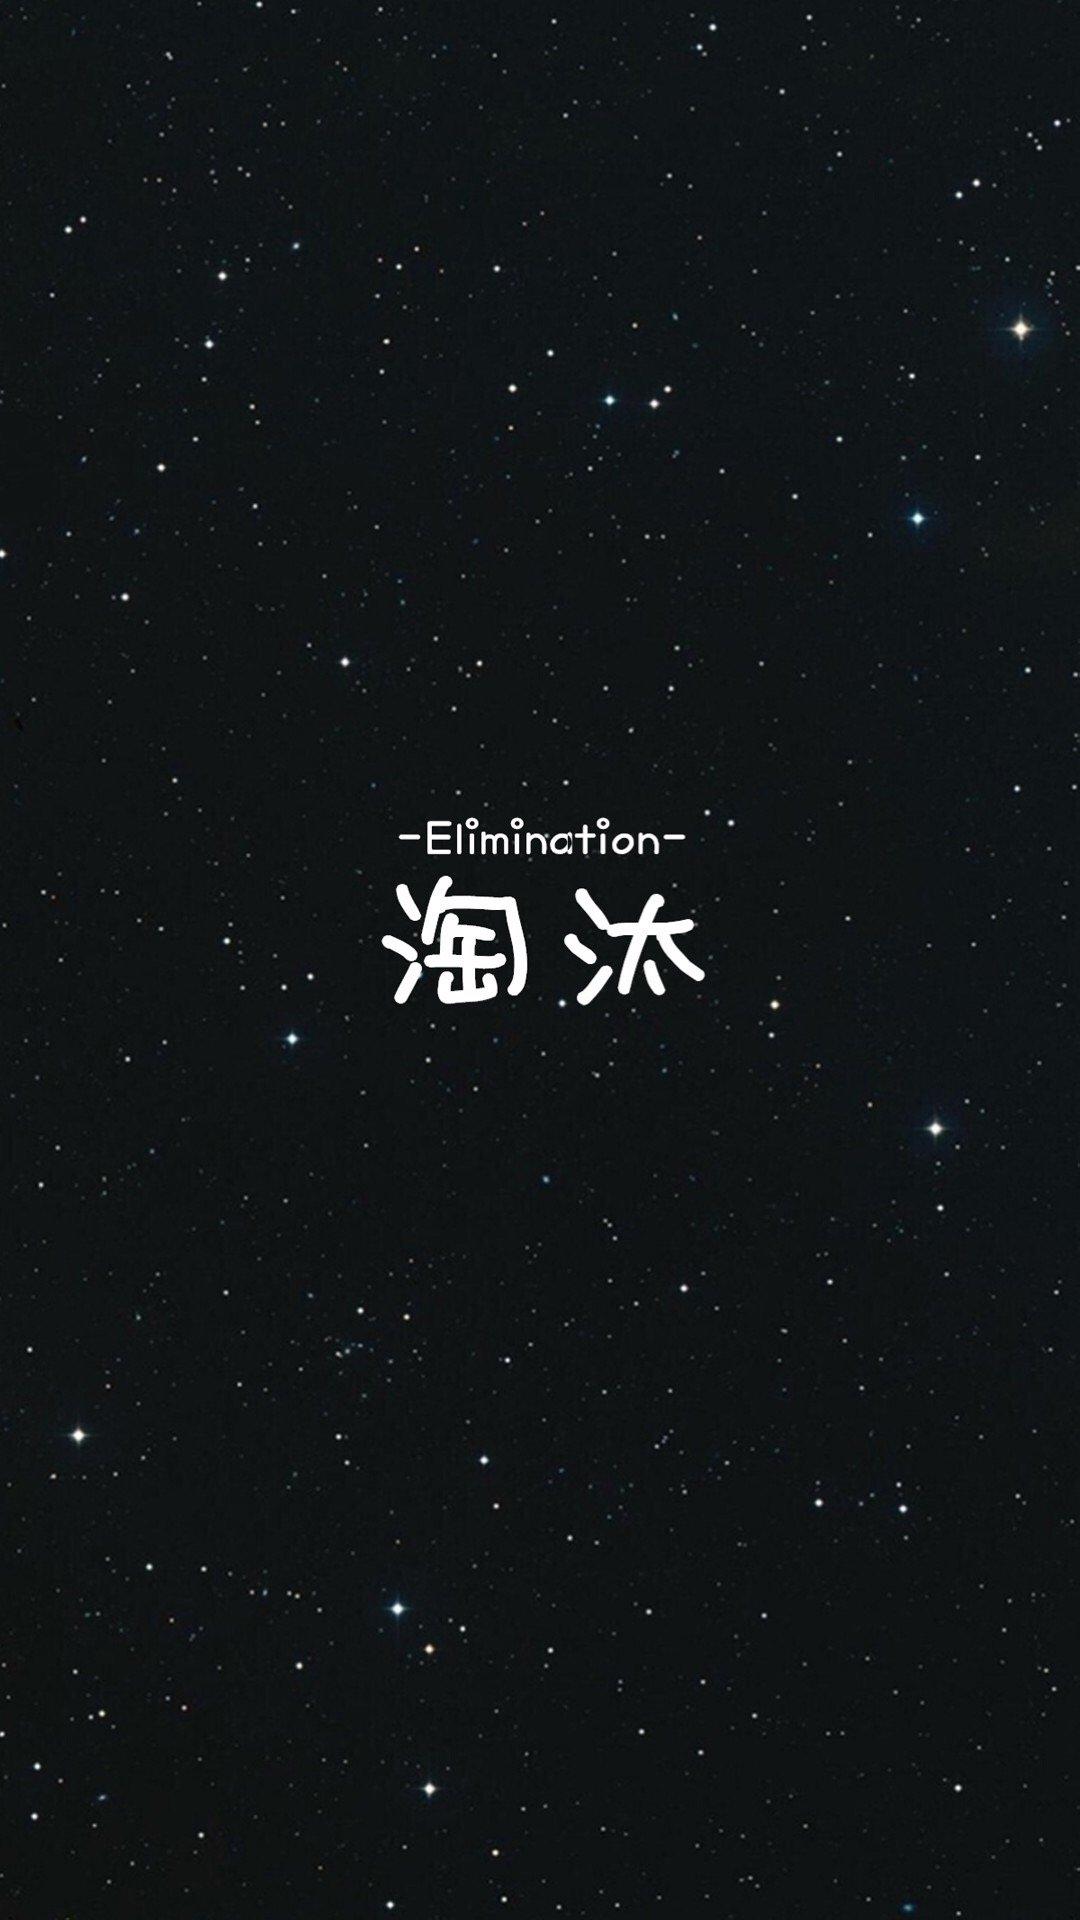 黑色星空背景简单文字控创意手机壁纸